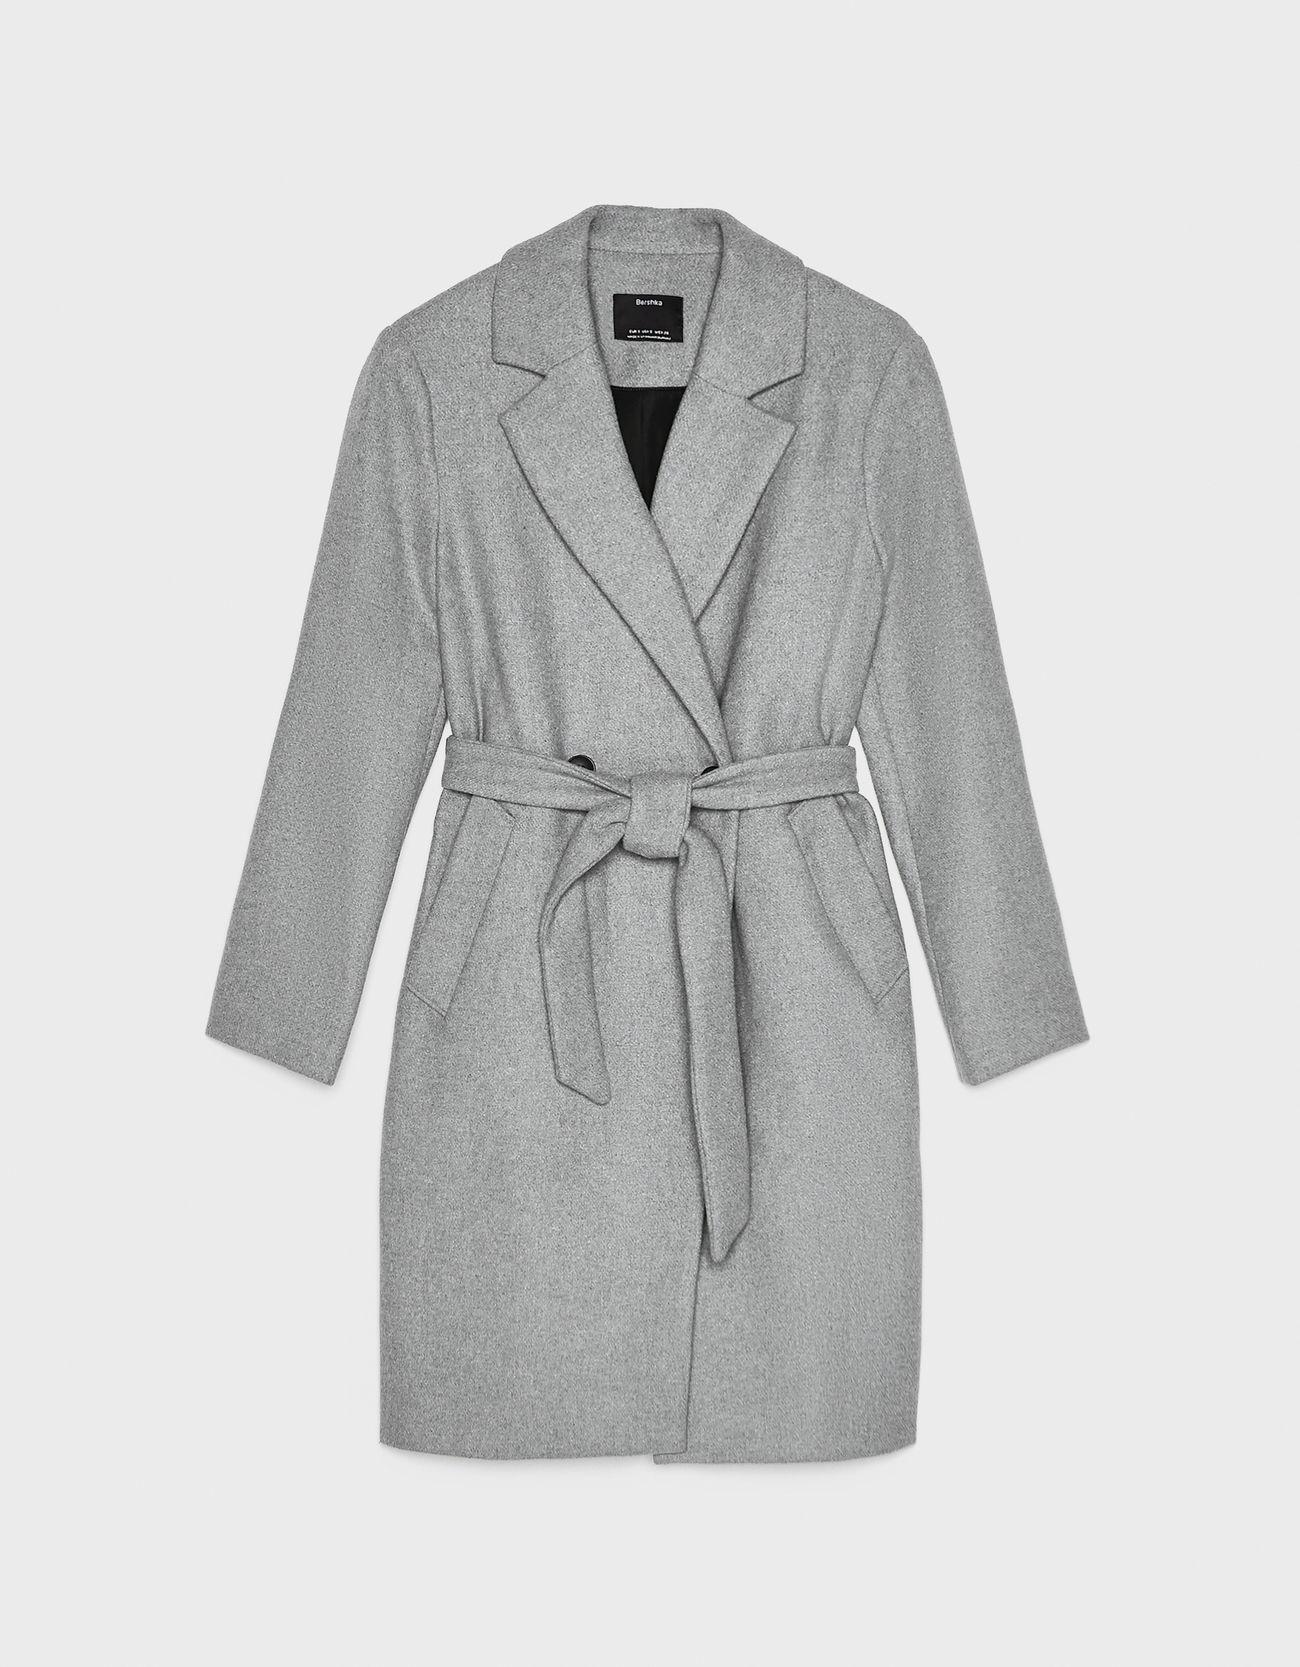 Пальто из шерстяной ткани с поясом Серый Bershka